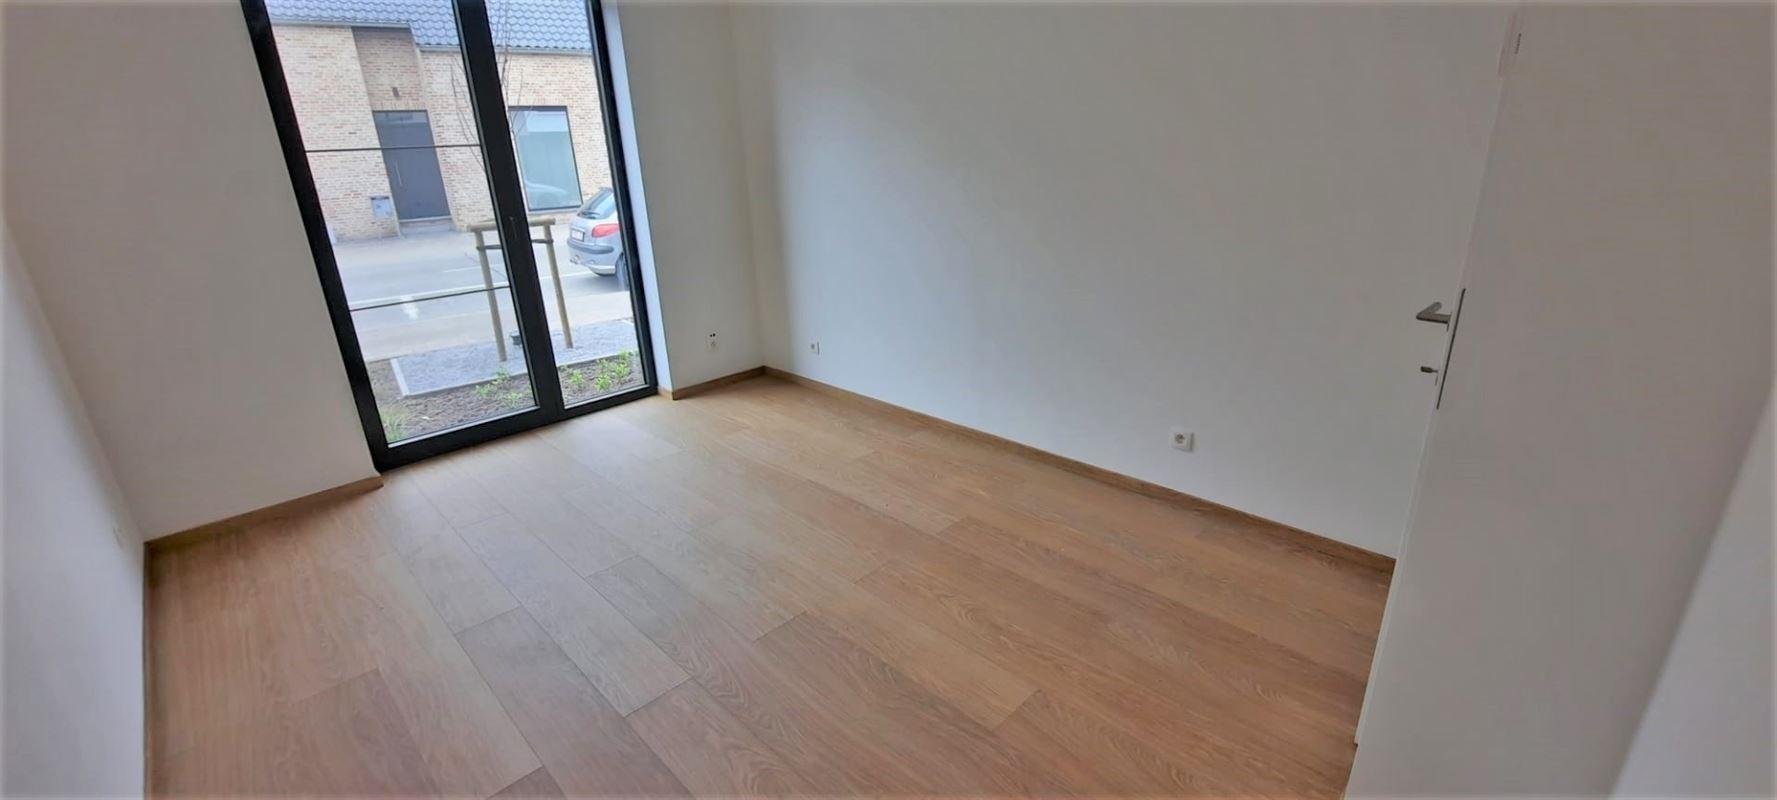 Foto 8 : Appartement te 2820 BONHEIDEN (België) - Prijs € 995